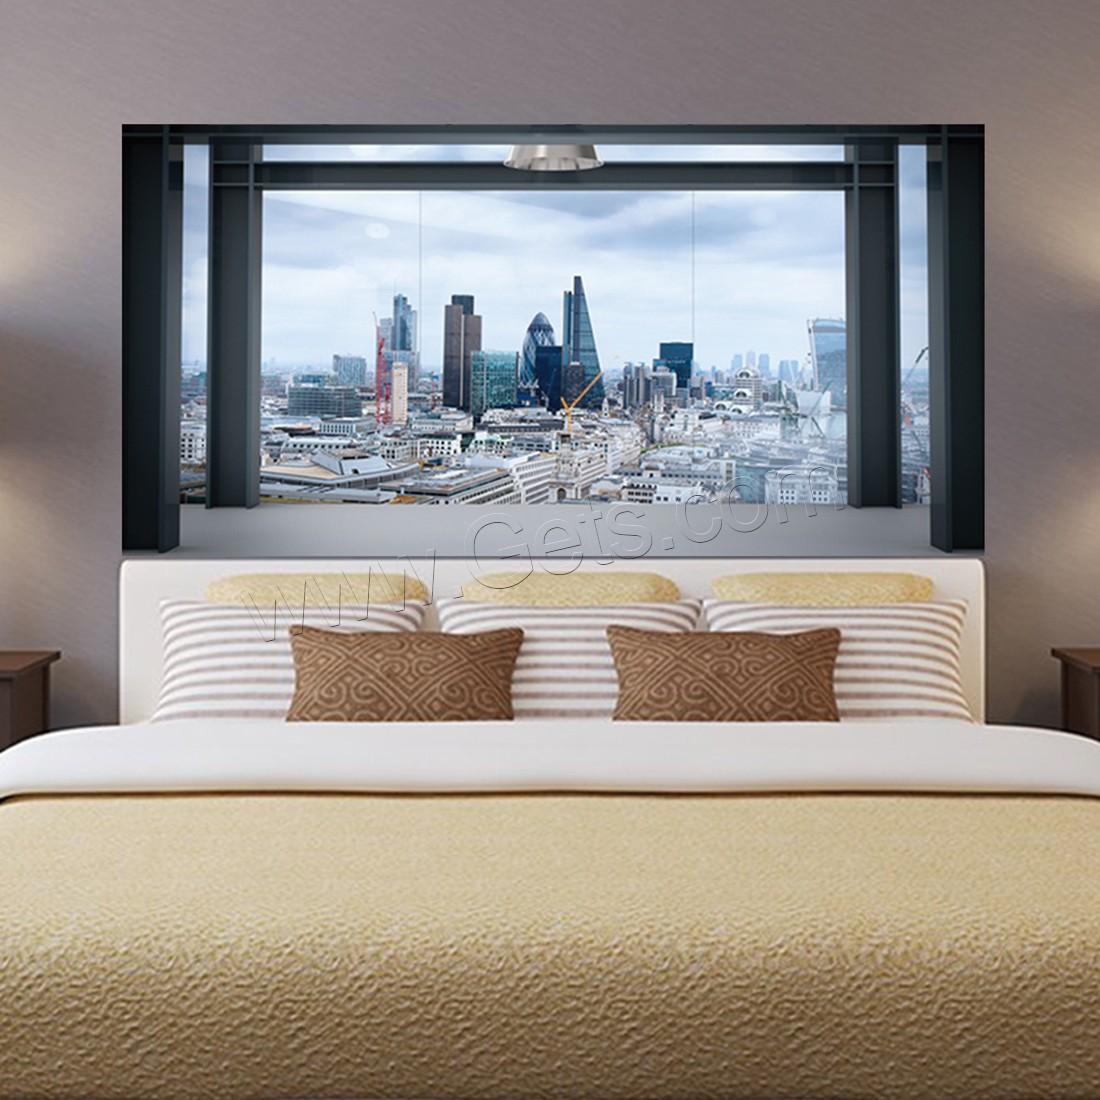 wand sticker pvc kunststoff rechteck klebstoff 3d wasserdicht verkauft von setzen. Black Bedroom Furniture Sets. Home Design Ideas